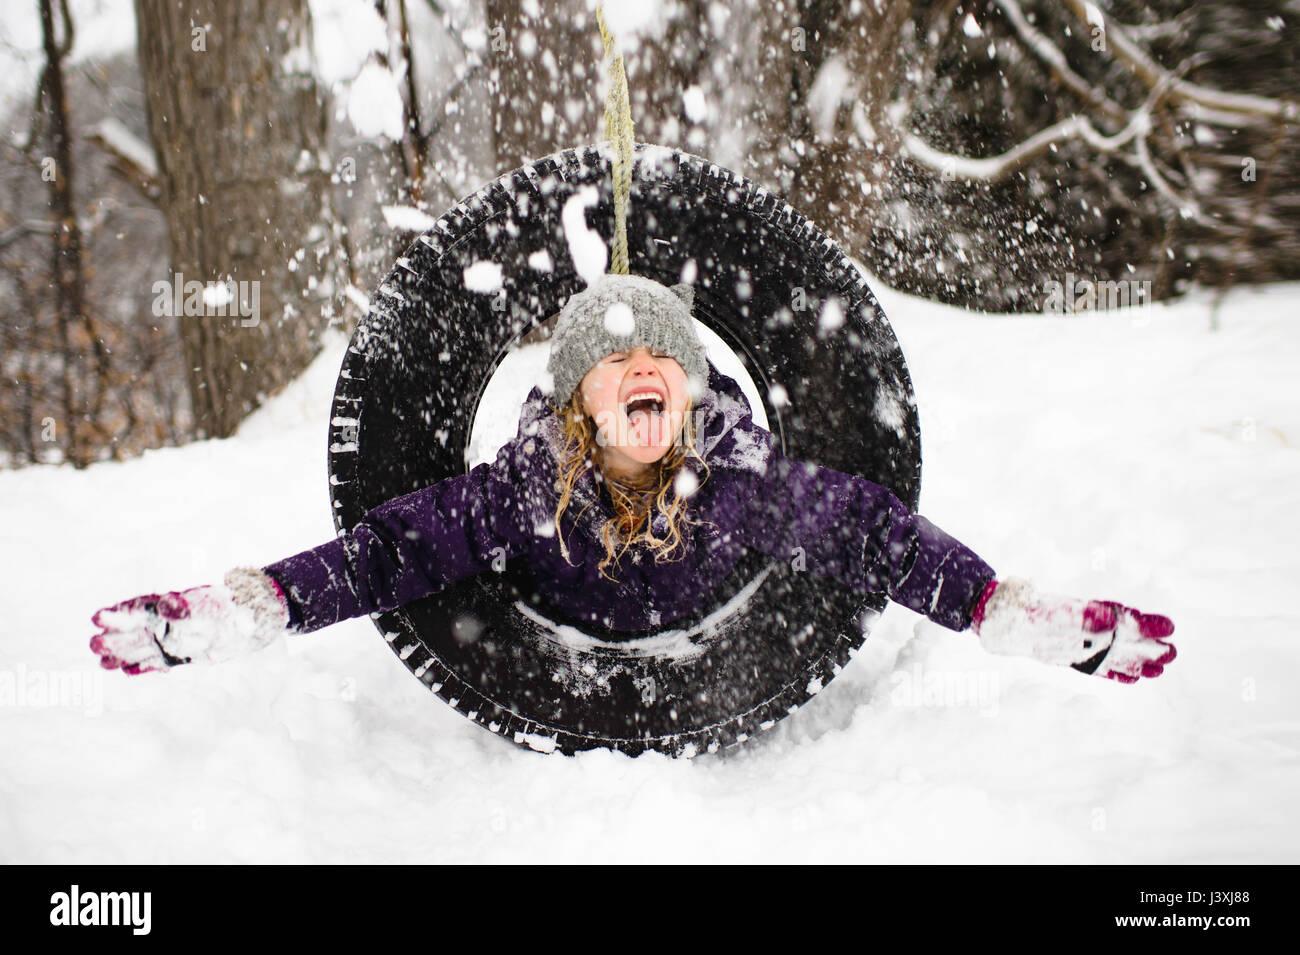 Ragazza che gioca nella neve sulla rotazione dei pneumatici Immagini Stock